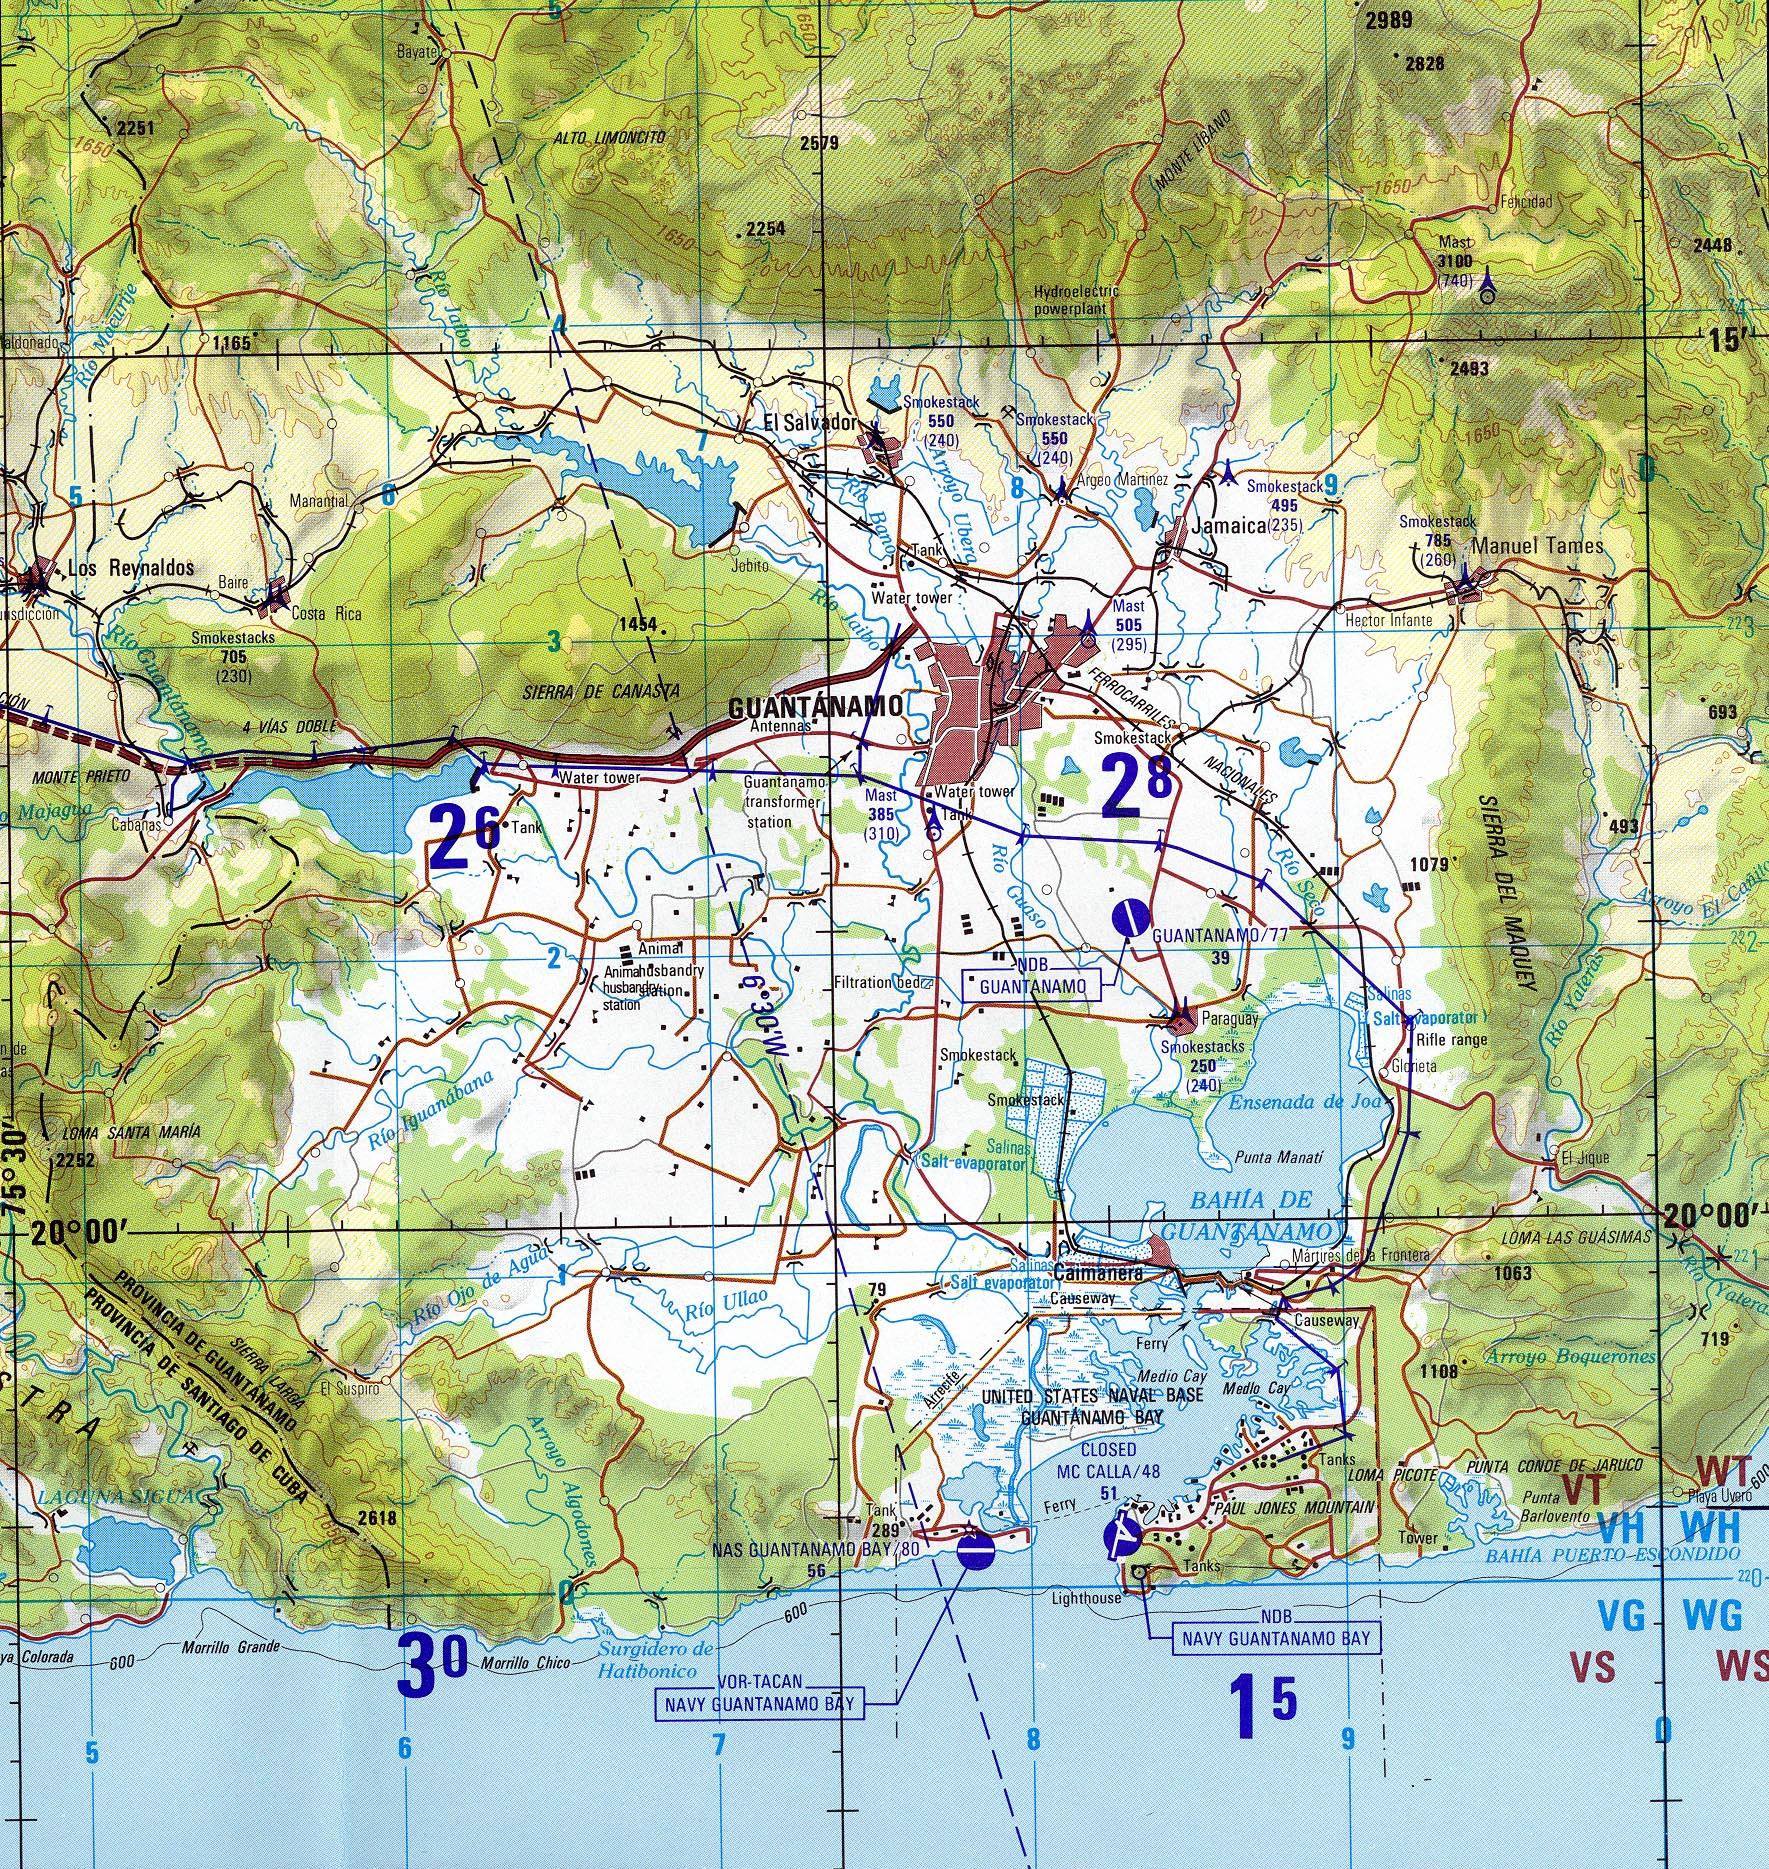 Mapa Topográfico del Área de Guantánamo, Cuba